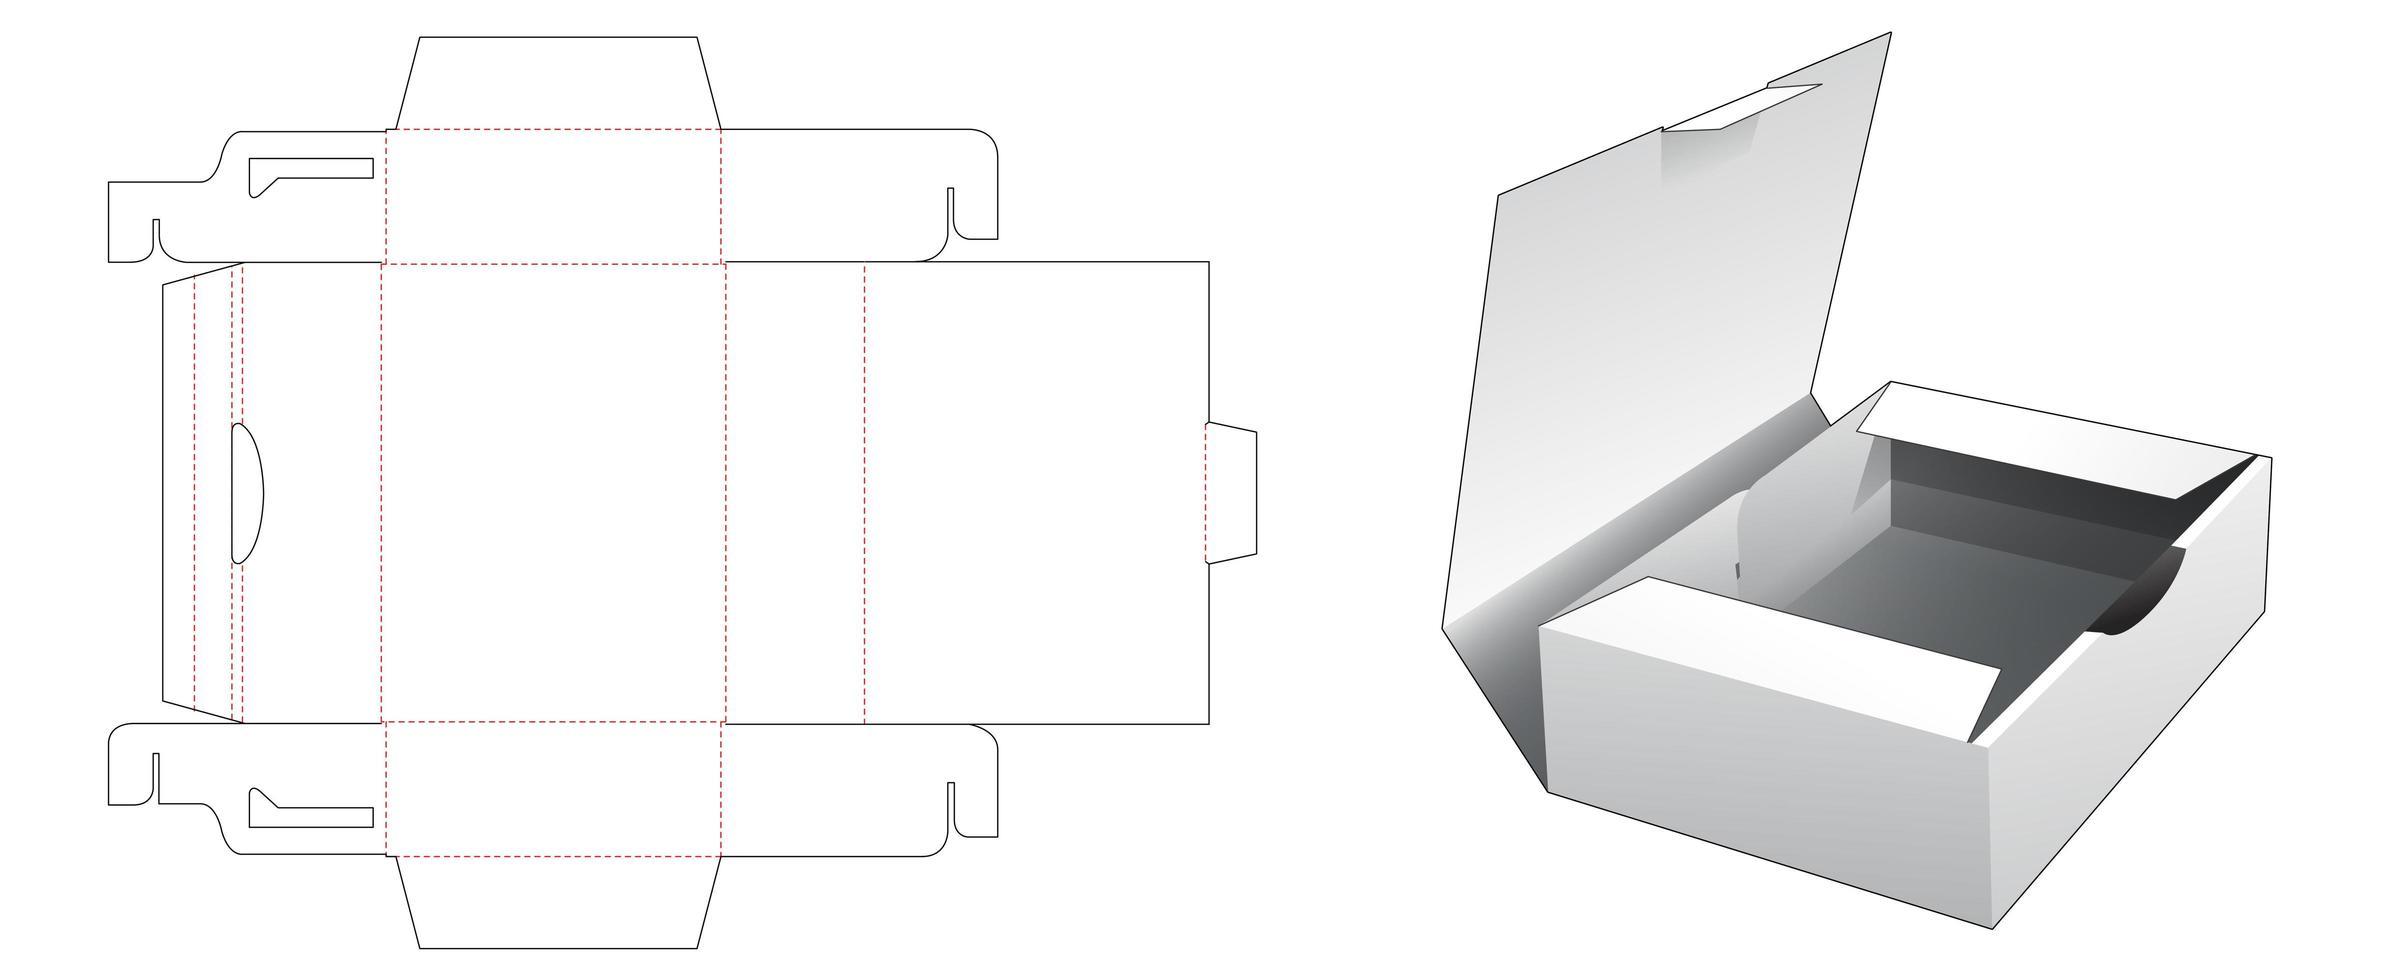 1 stuk taartbakdoos vector